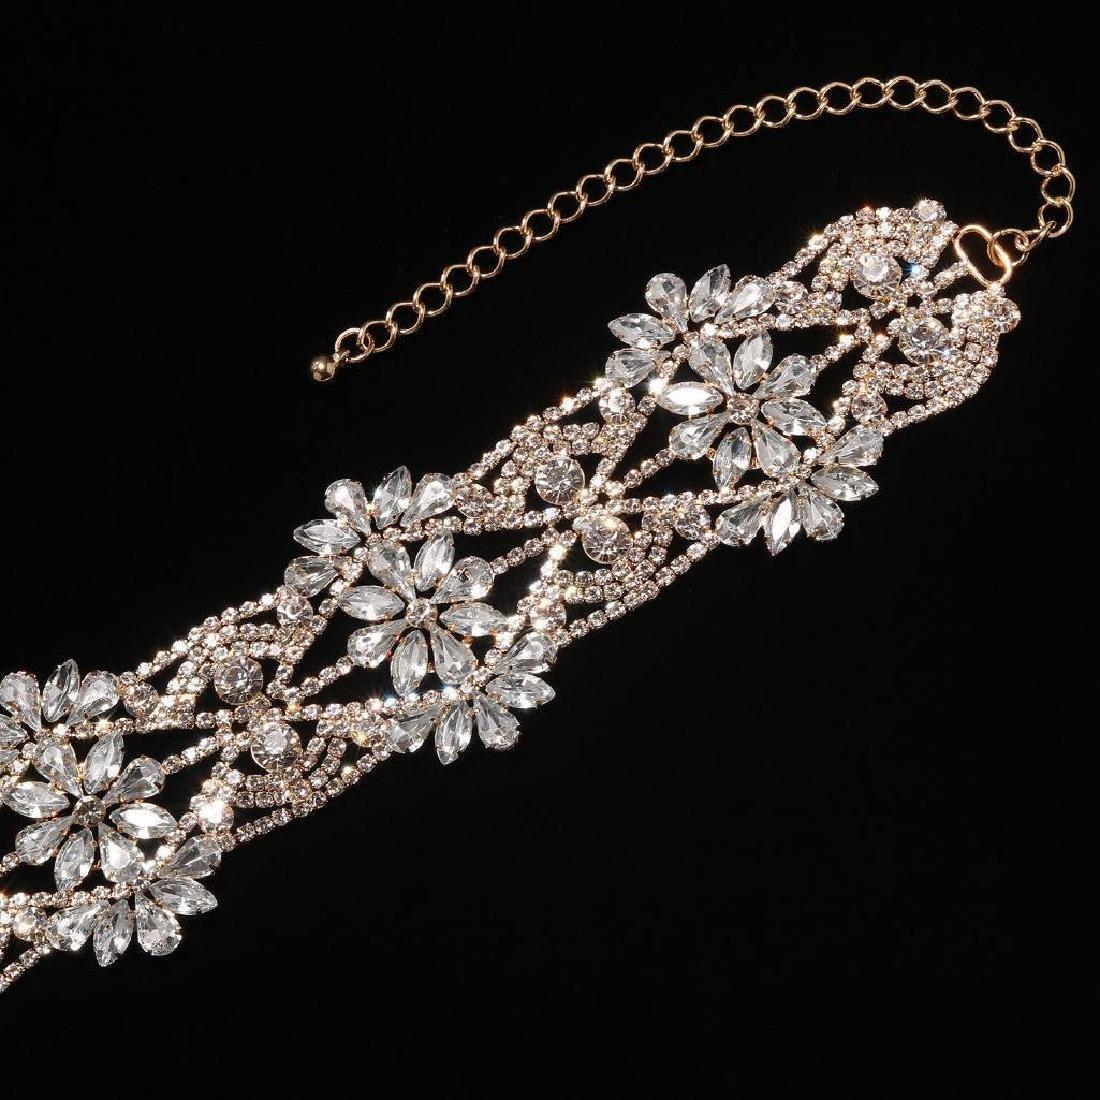 Holylove Rhinestone Crystal Charm Wide Collar Bib - 4